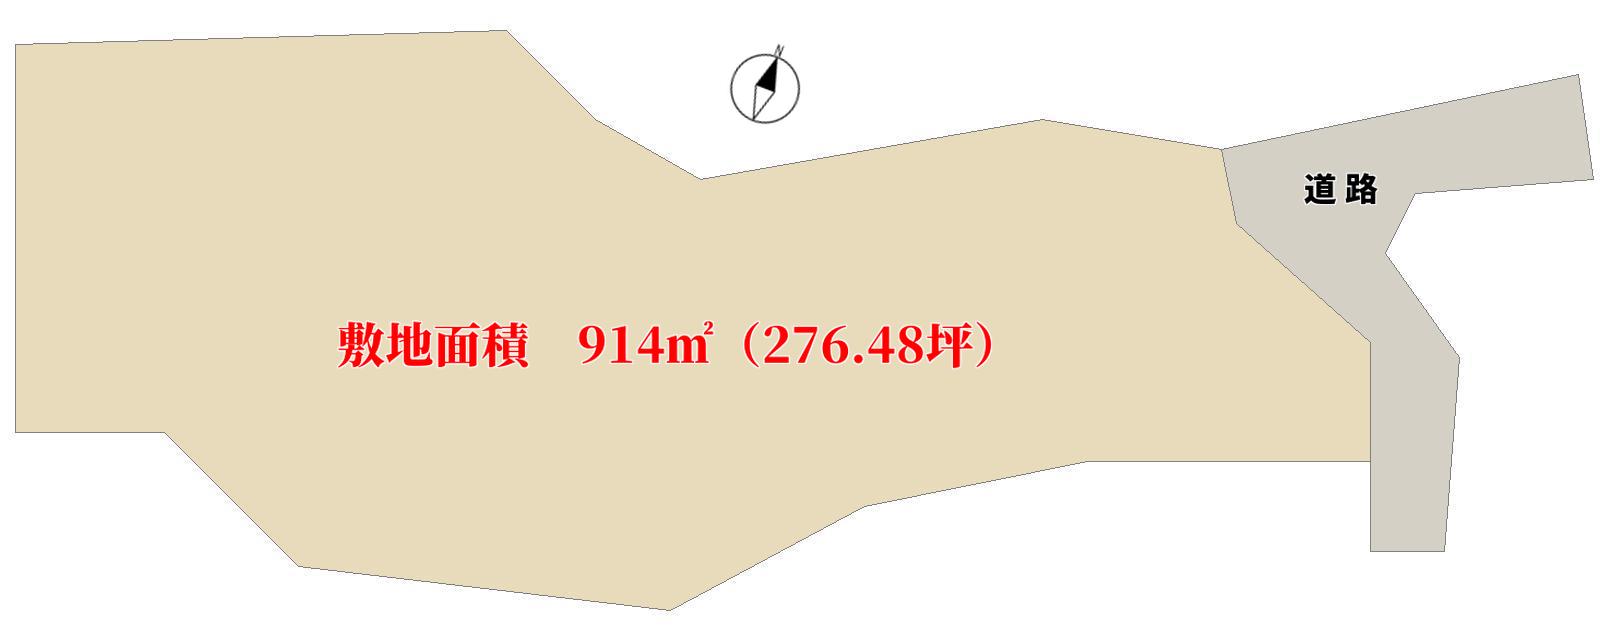 館山市見物の土地 物件敷地図